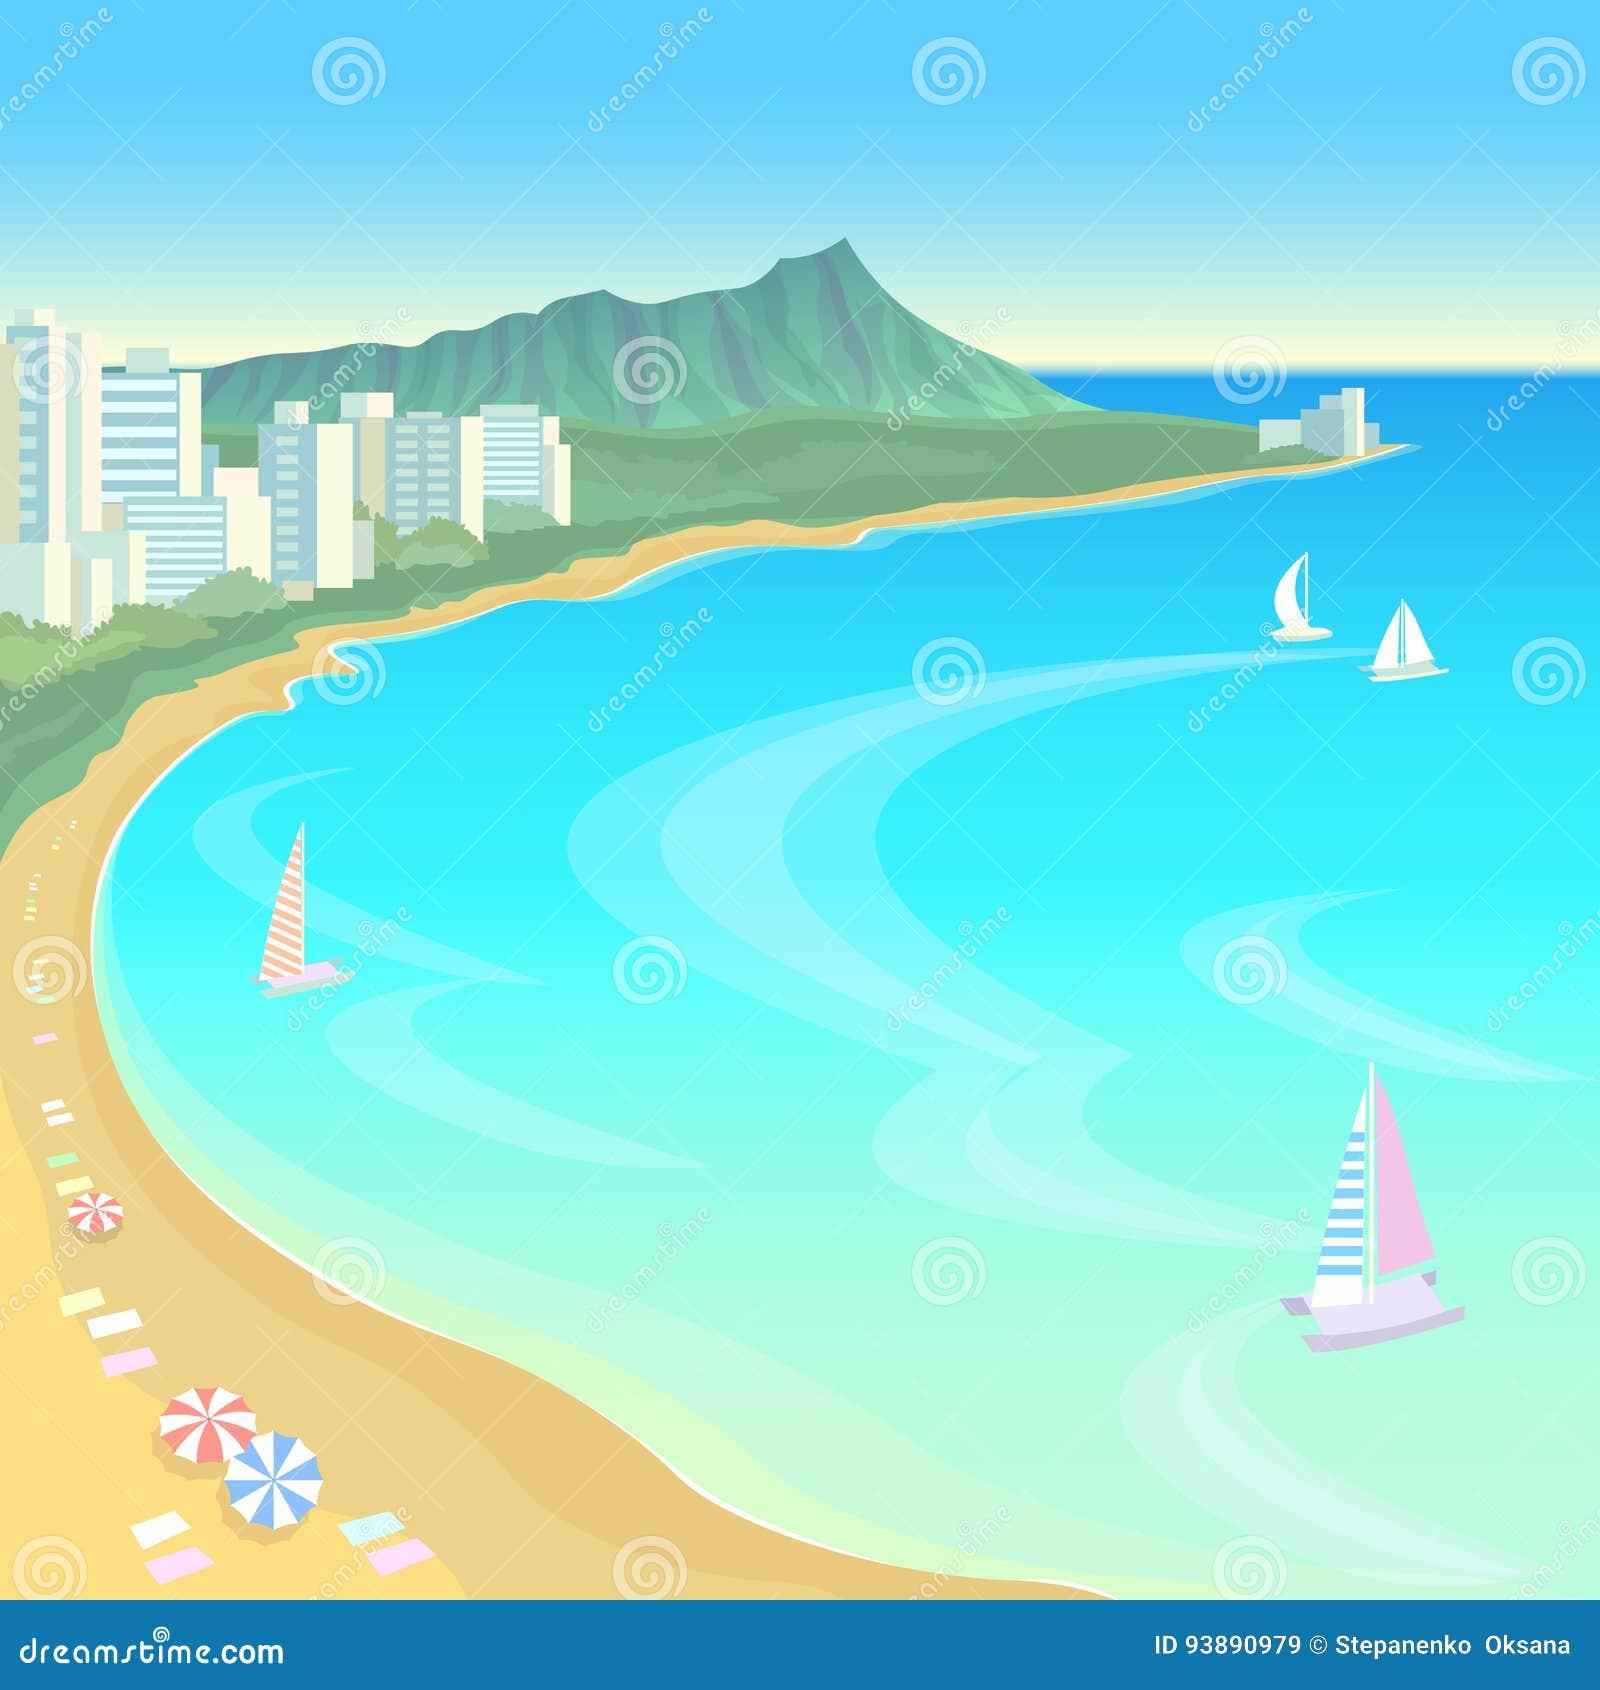 Της Χαβάης ωκεάνιο κόλπων μπλε υπόβαθρο διακοπών θερινού ταξιδιού ουρανού νερού ηλιόλουστο Καυτή σκηνή ημέρας ομπρελών παραλιών ά